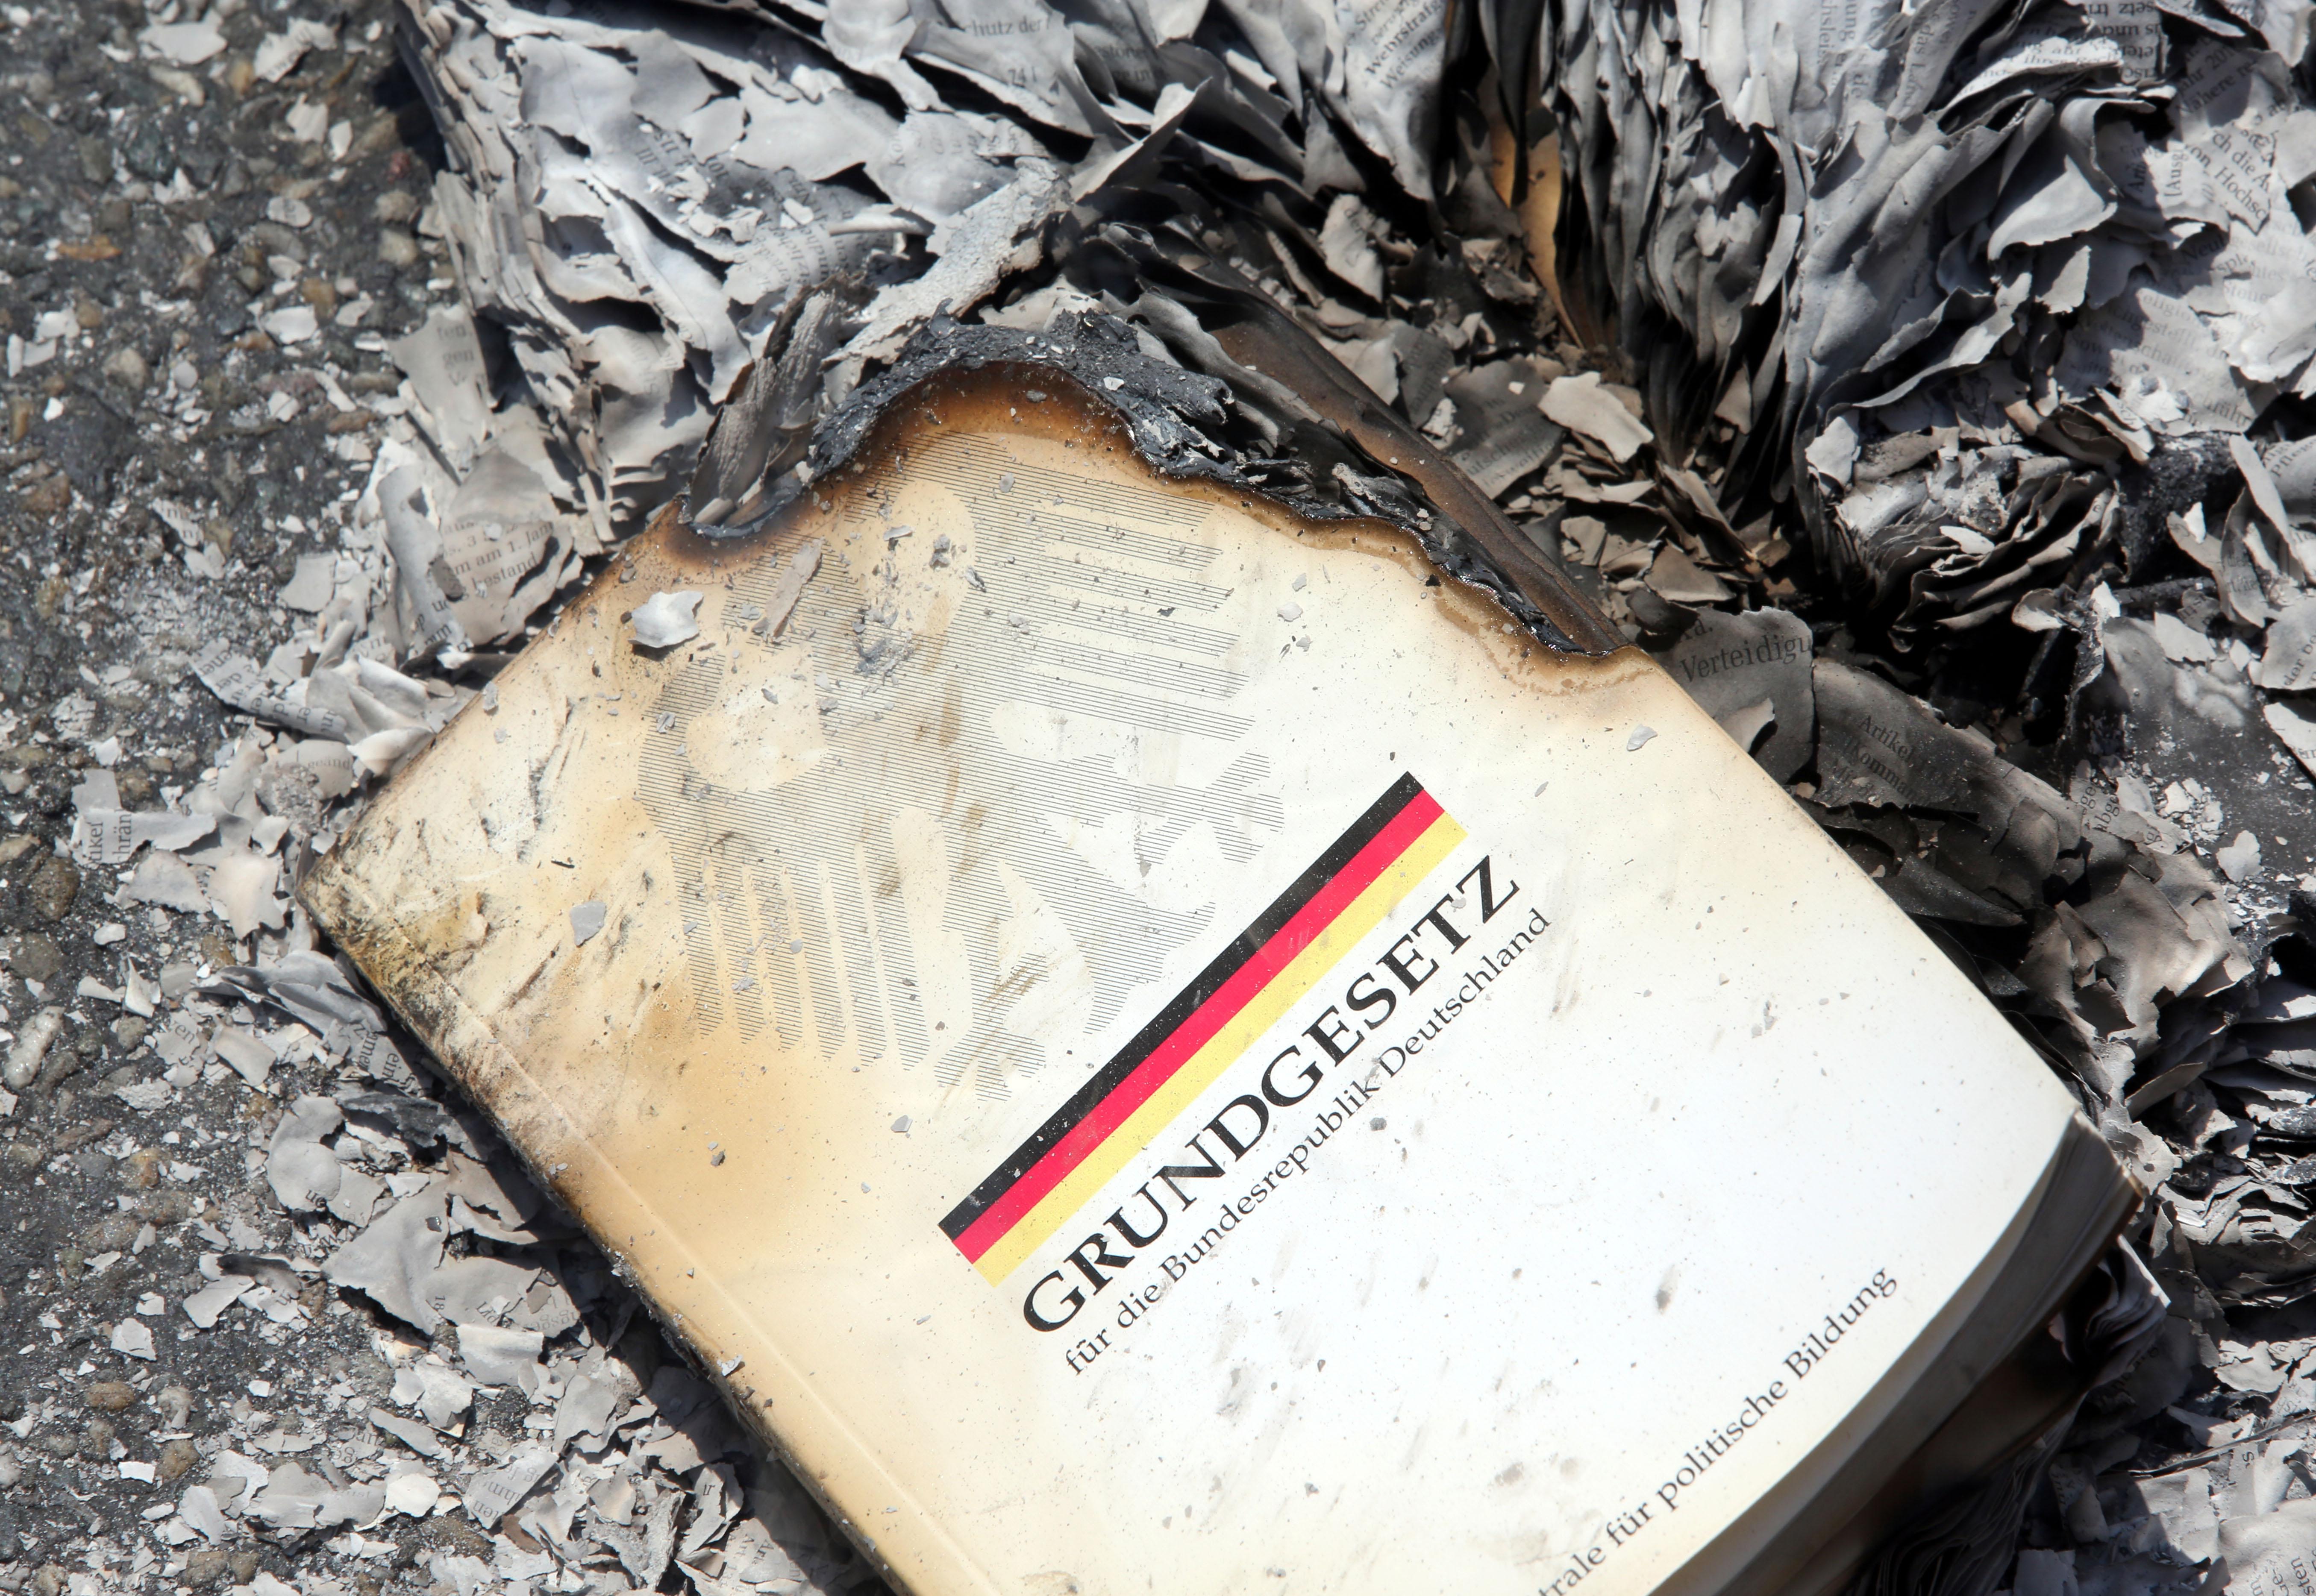 Demonstranten verbrennen am 08.06.2013 in Frankfurt am Main (Hessen) symbolisch ein Grundgesetz, um gegen die Polizeiaktionen gegen die kapitalismus-kritische Occupy-Bewegung vor einer Woche zu demonstrieren. Sie laufen dabei auf der selben Route, auf der am 1. Juni fast 1000 Menschen von der Polizei aufgehalten und stundenlang eingekesselt worden waren Foto: Frank Rumpenhorst/dpa